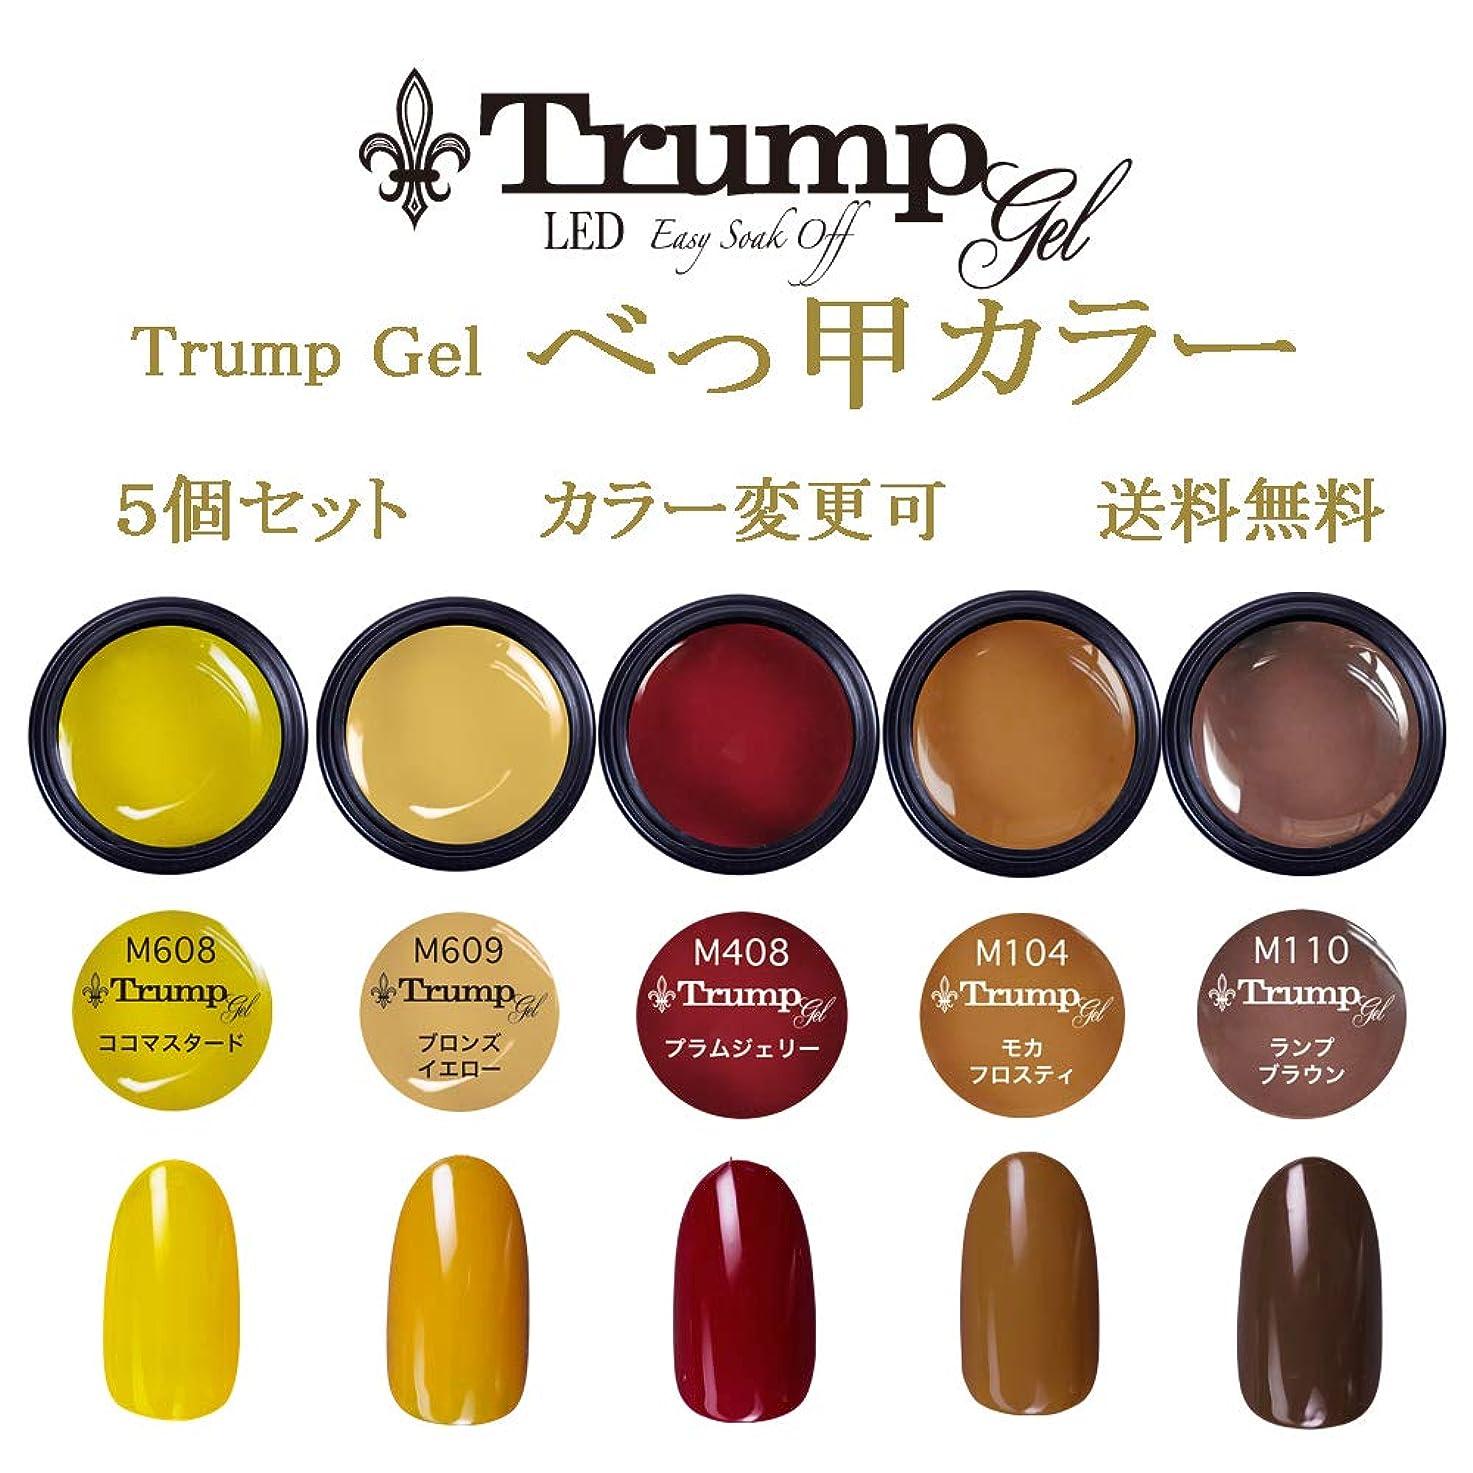 シソーラス荷物届ける日本製 Trump gel トランプジェル べっ甲 ネイルカラー 選べる カラージェル 5個セット イエロー ブラウン ワイン べっこう